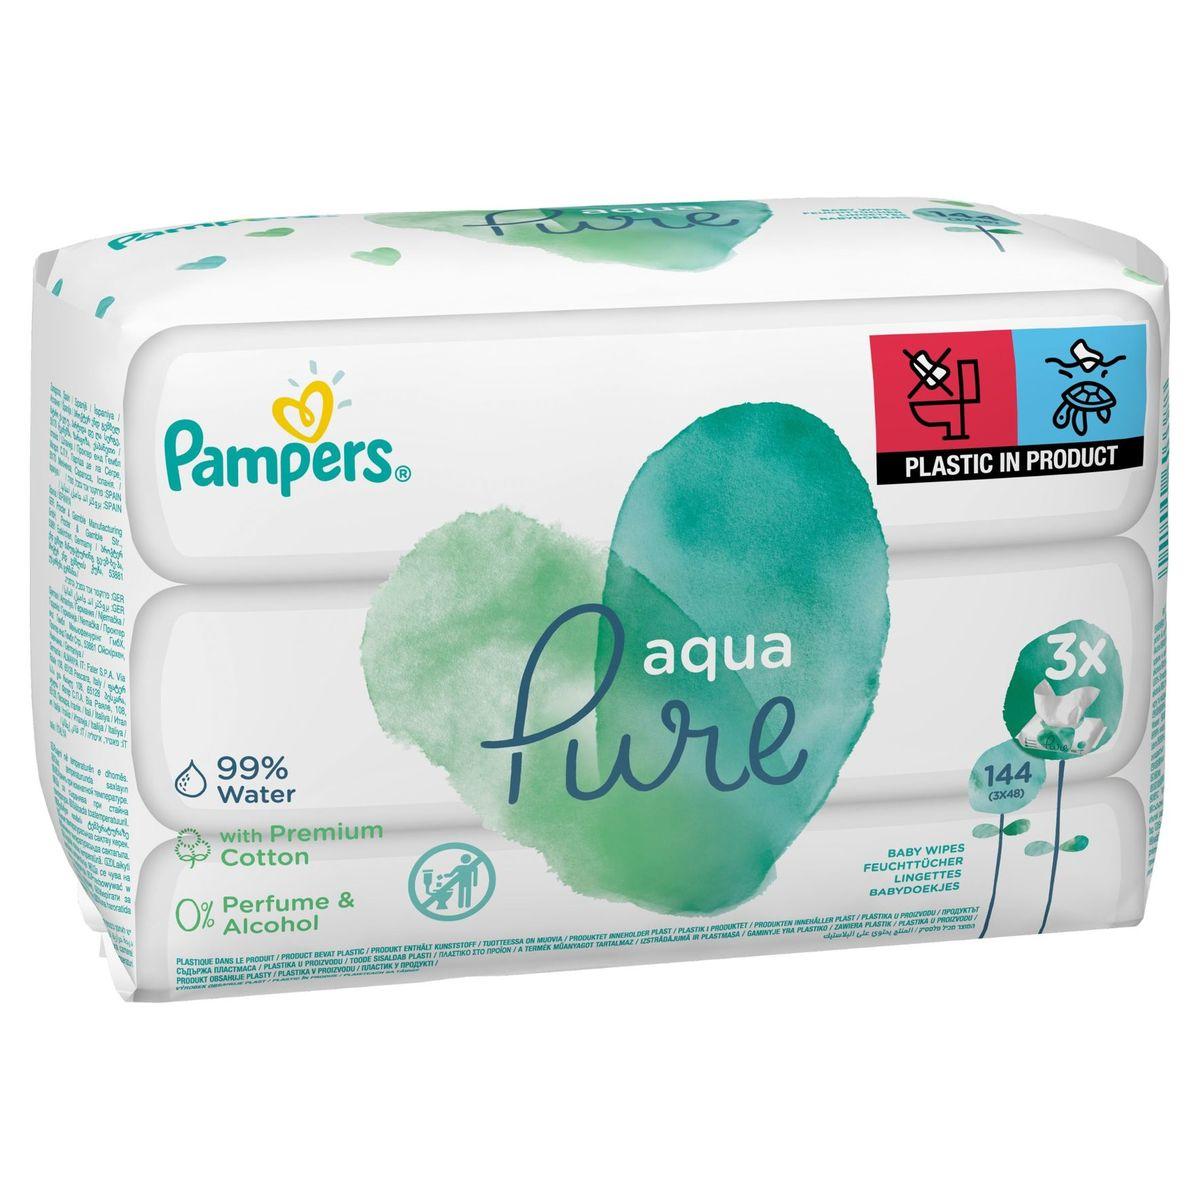 Pampers Aqua Pure Lingettes Pour Bébé 3Packs = 144Lingettes